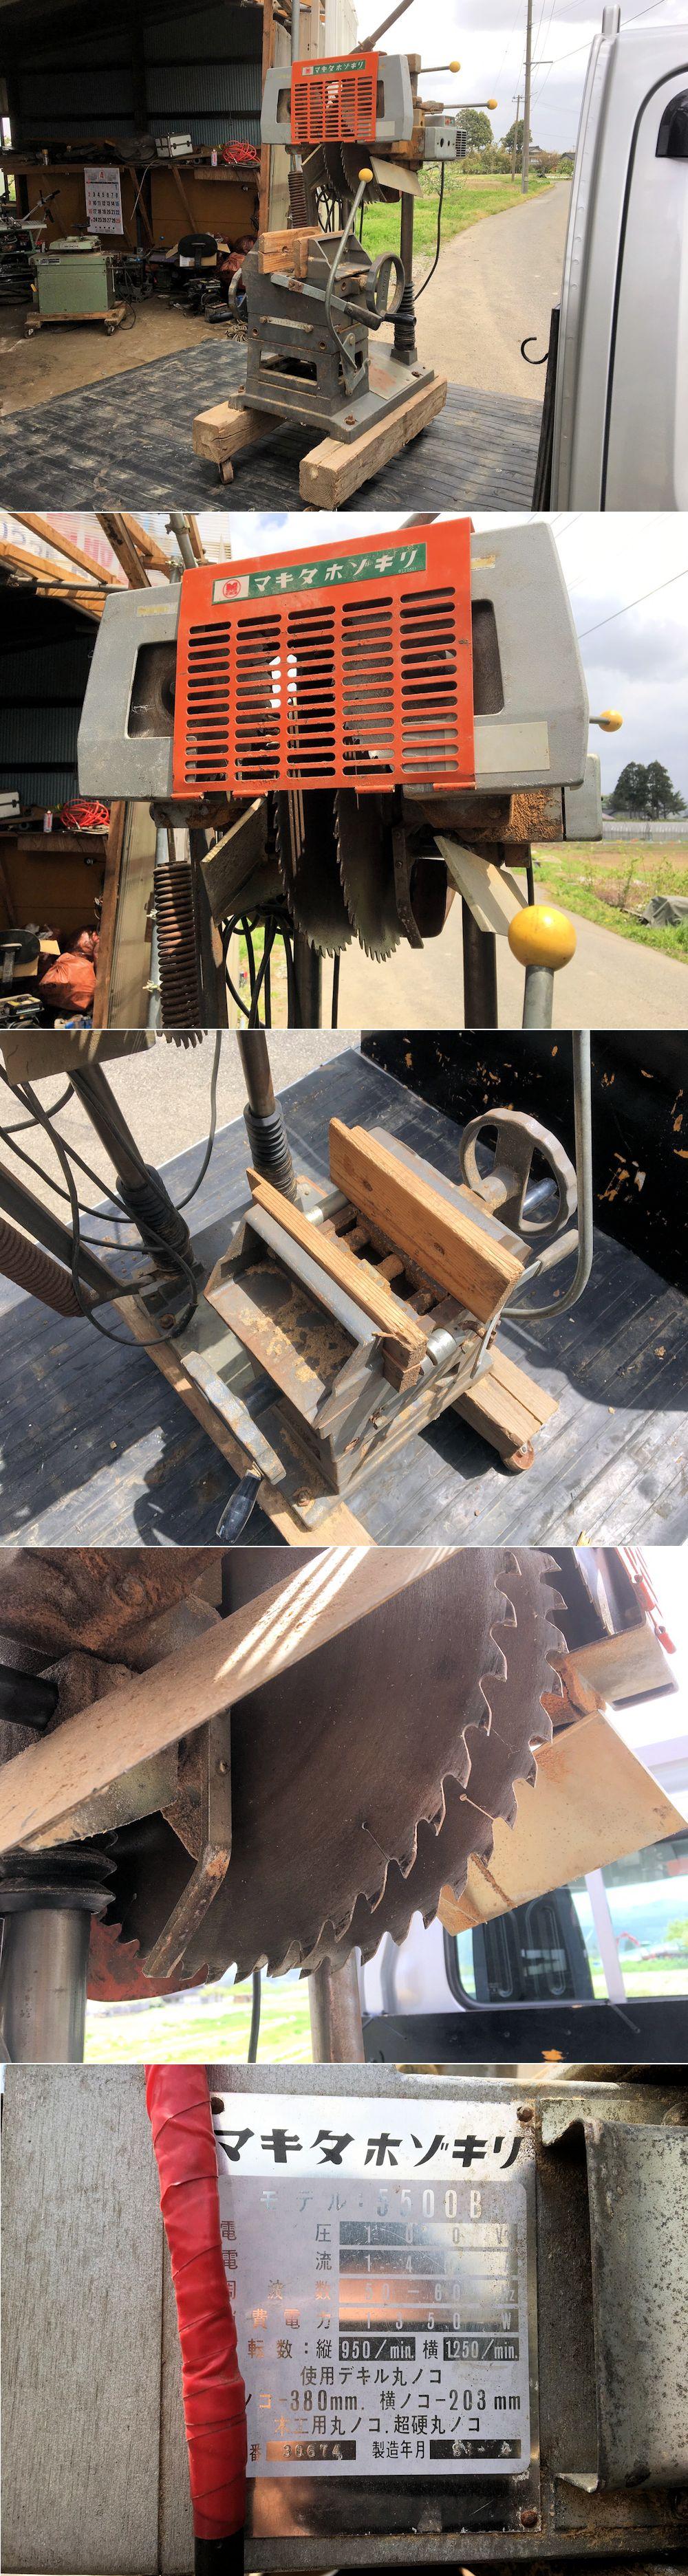 マキタ ホゾキリ 5500B 100V ほぞきり機 木工 切断機